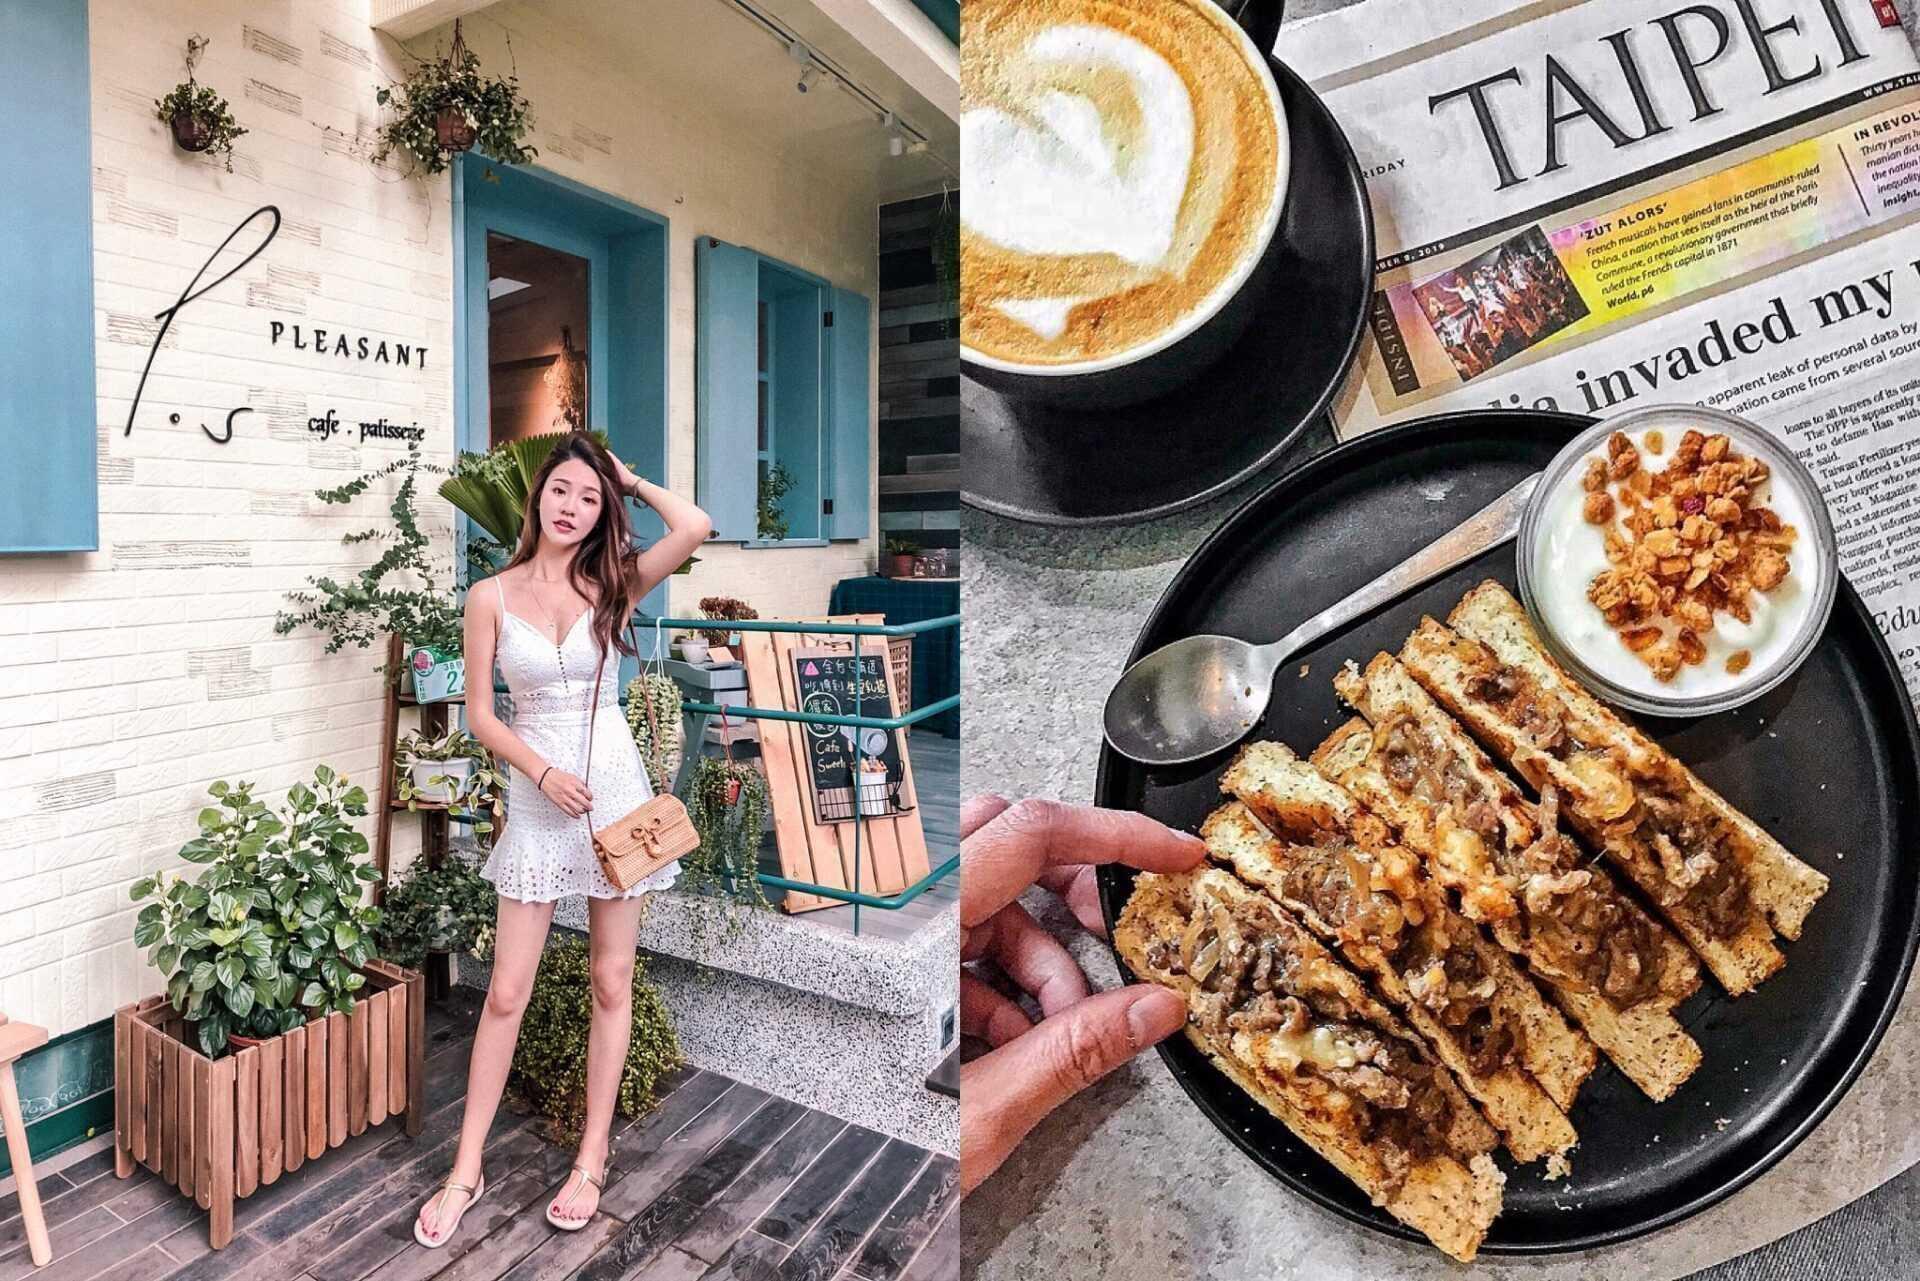 士林咖啡廳 | 嚴選士林周邊10間高評價|下午茶咖啡廳懶人包